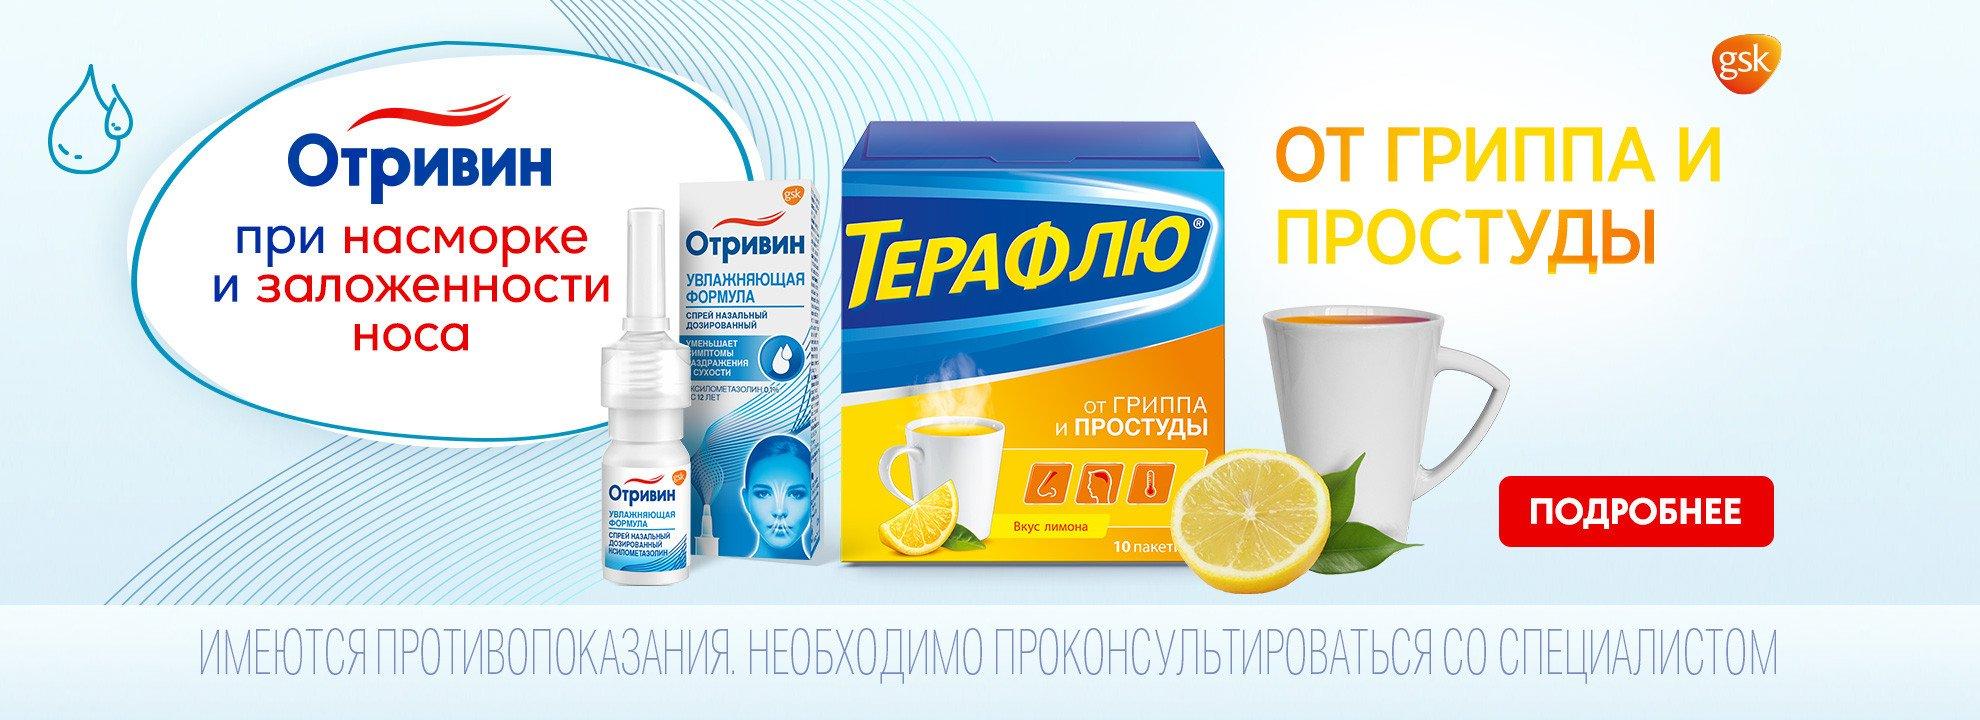 Отривин и Терафлю. От гриппа и простуды